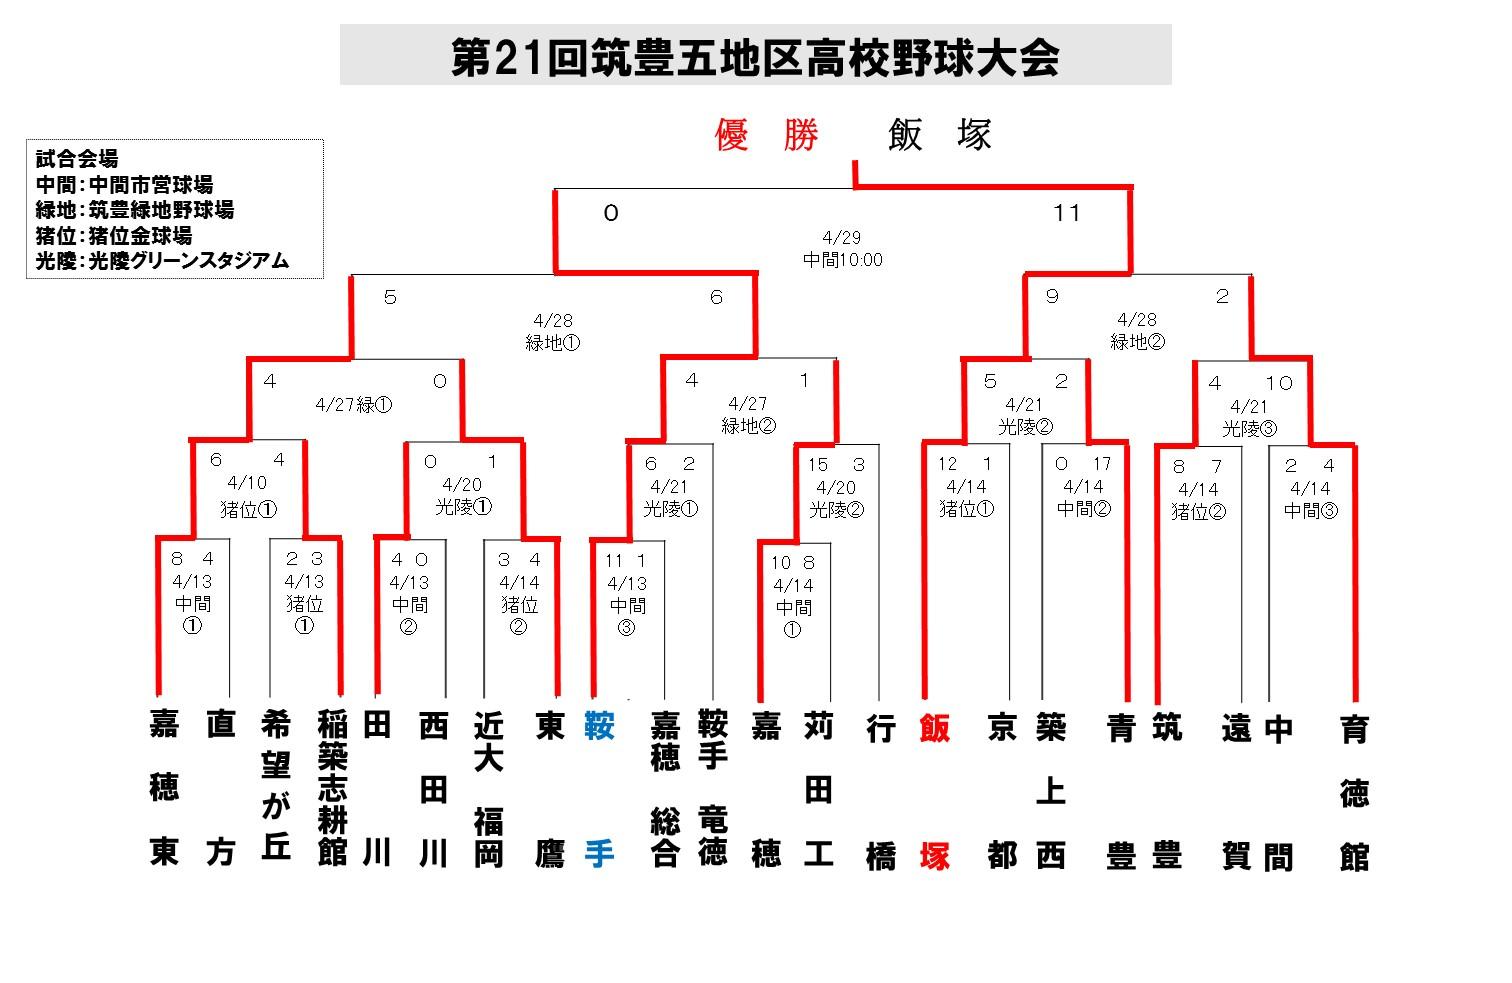 2013筑豊五地区